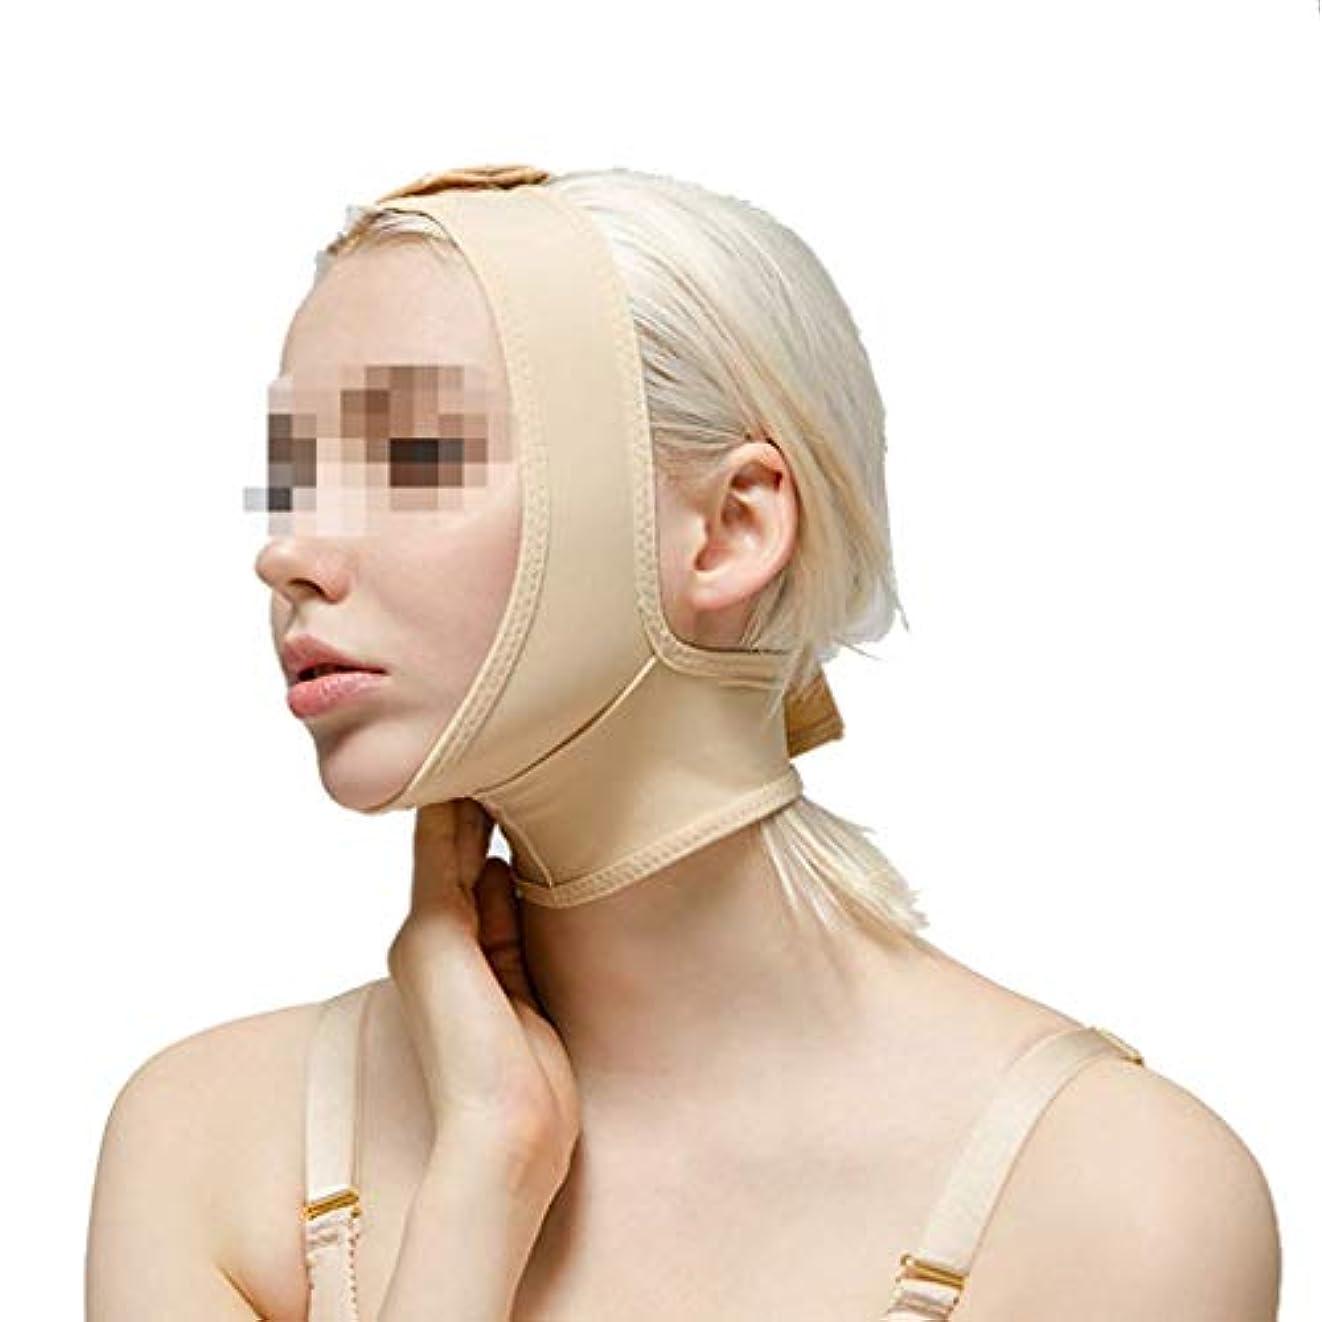 リス安全でない無秩序術後伸縮性スリーブ、下顎束フェイスバンデージフェイシャルビームダブルチンシンフェイスマスクマルチサイズオプション(サイズ:L),M